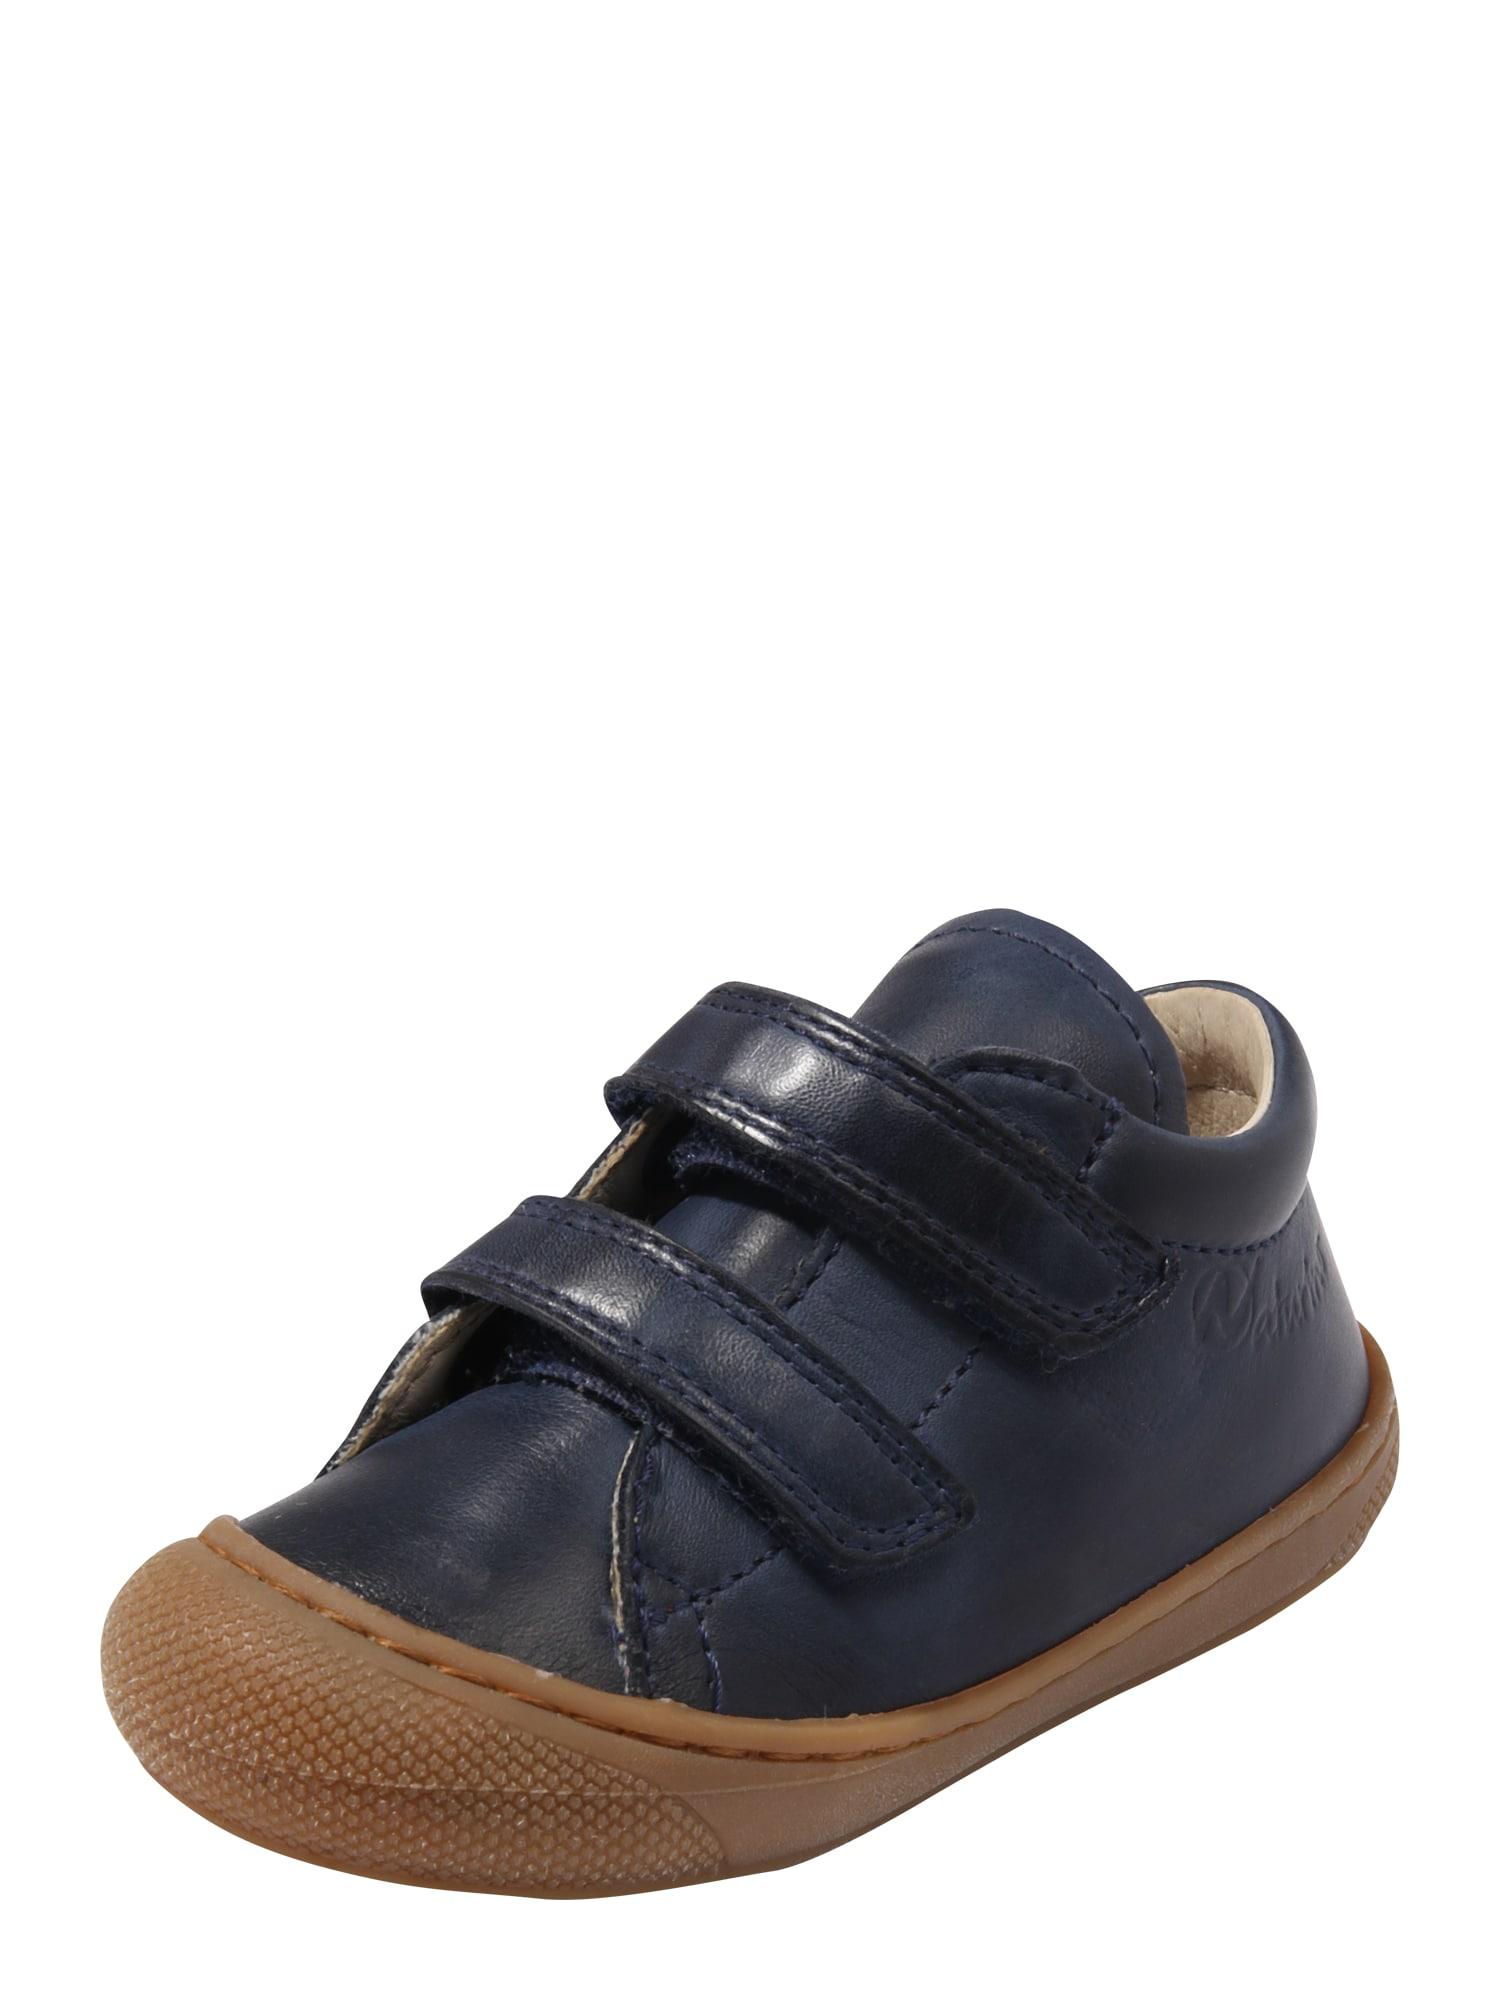 NATURINO Pirmieji vaiko vaikščiojimo bateliai